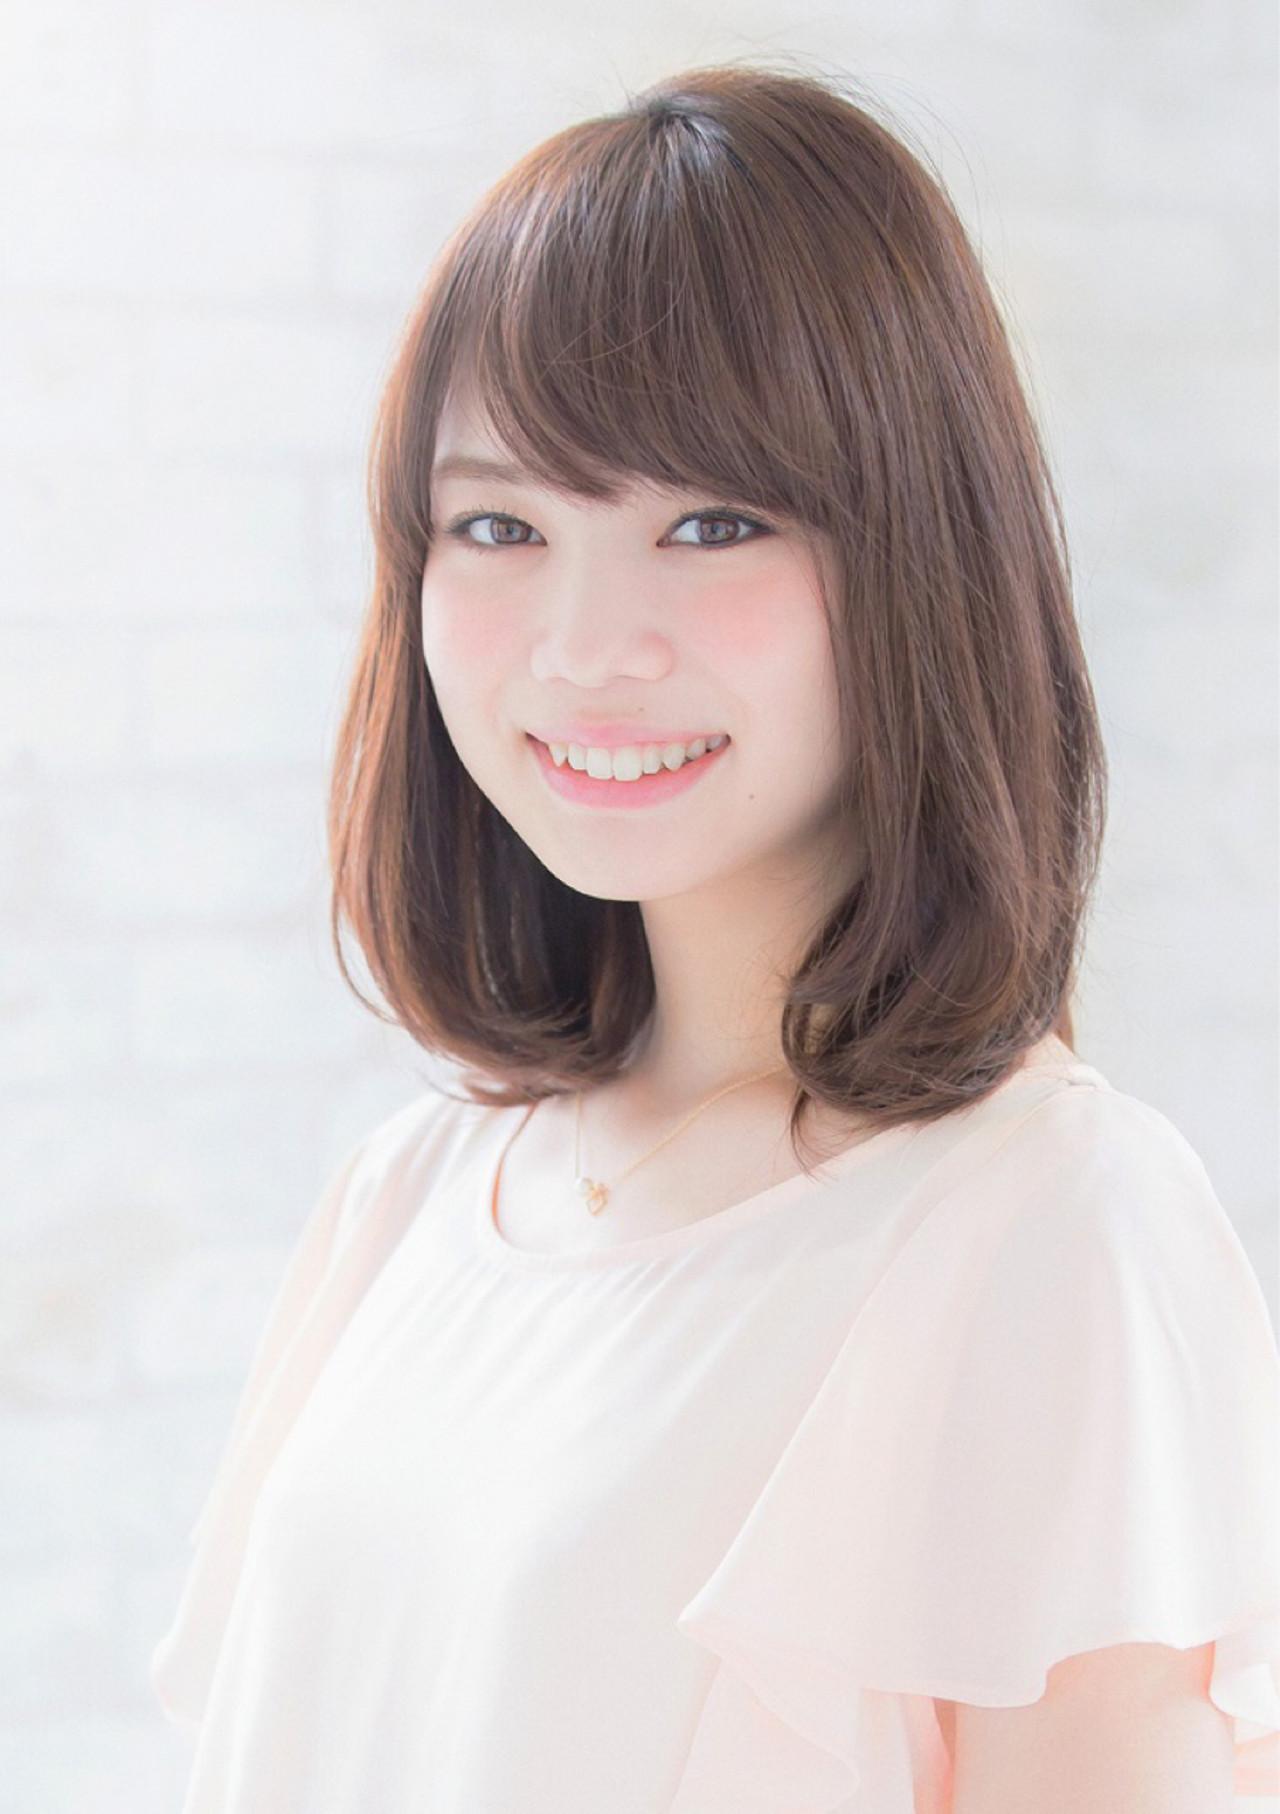 モテを呼び込む前髪パーマ。忙しい朝とはおさらば☆ 花野 未帆 / joemi by Un ami